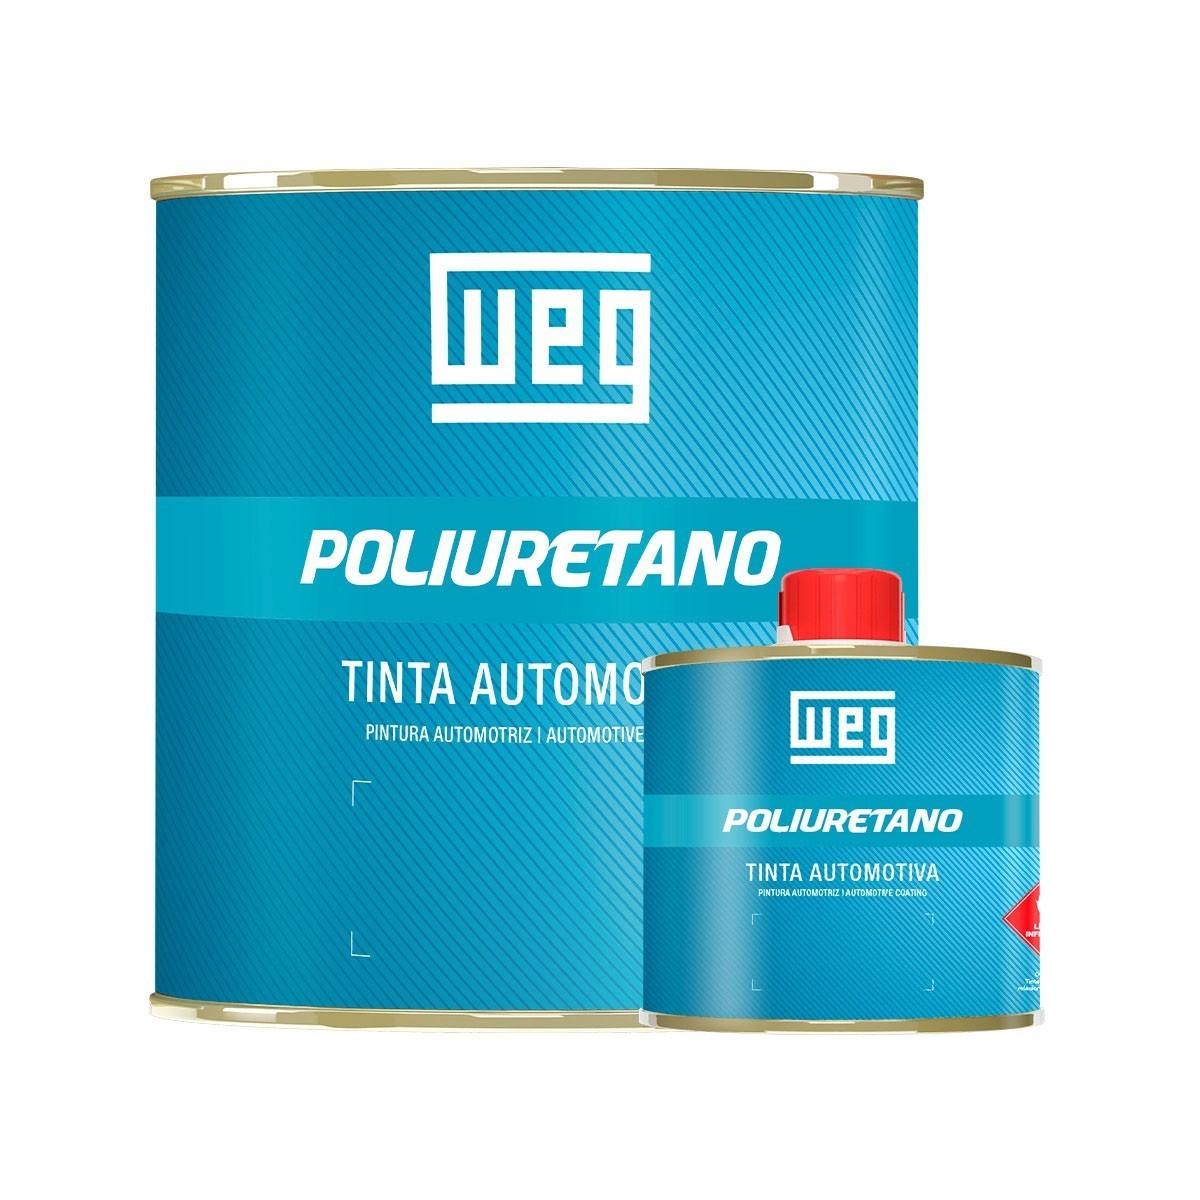 TINTA POLIURETANO PRETO CADILAC | 675 ml